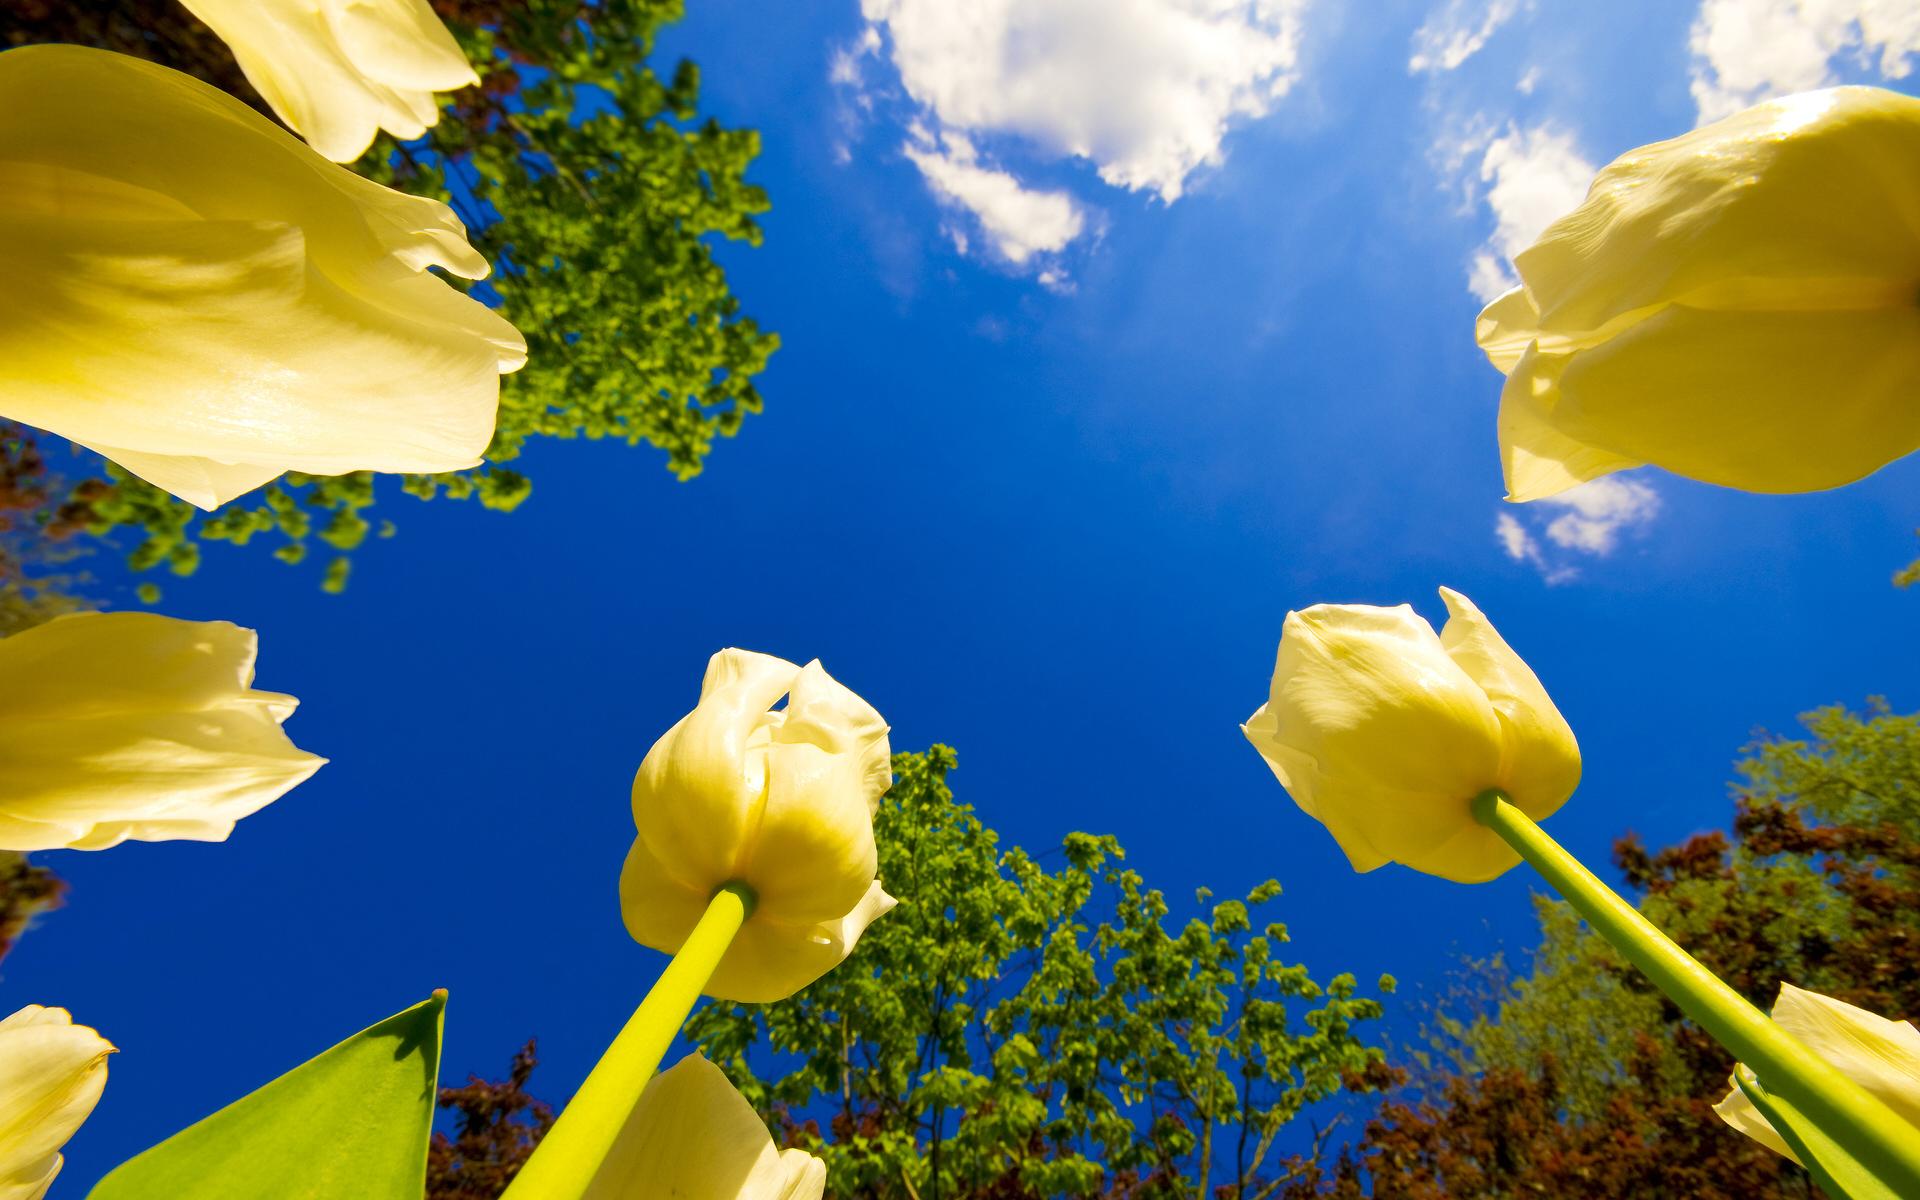 春意盎然的郁金香高清壁纸